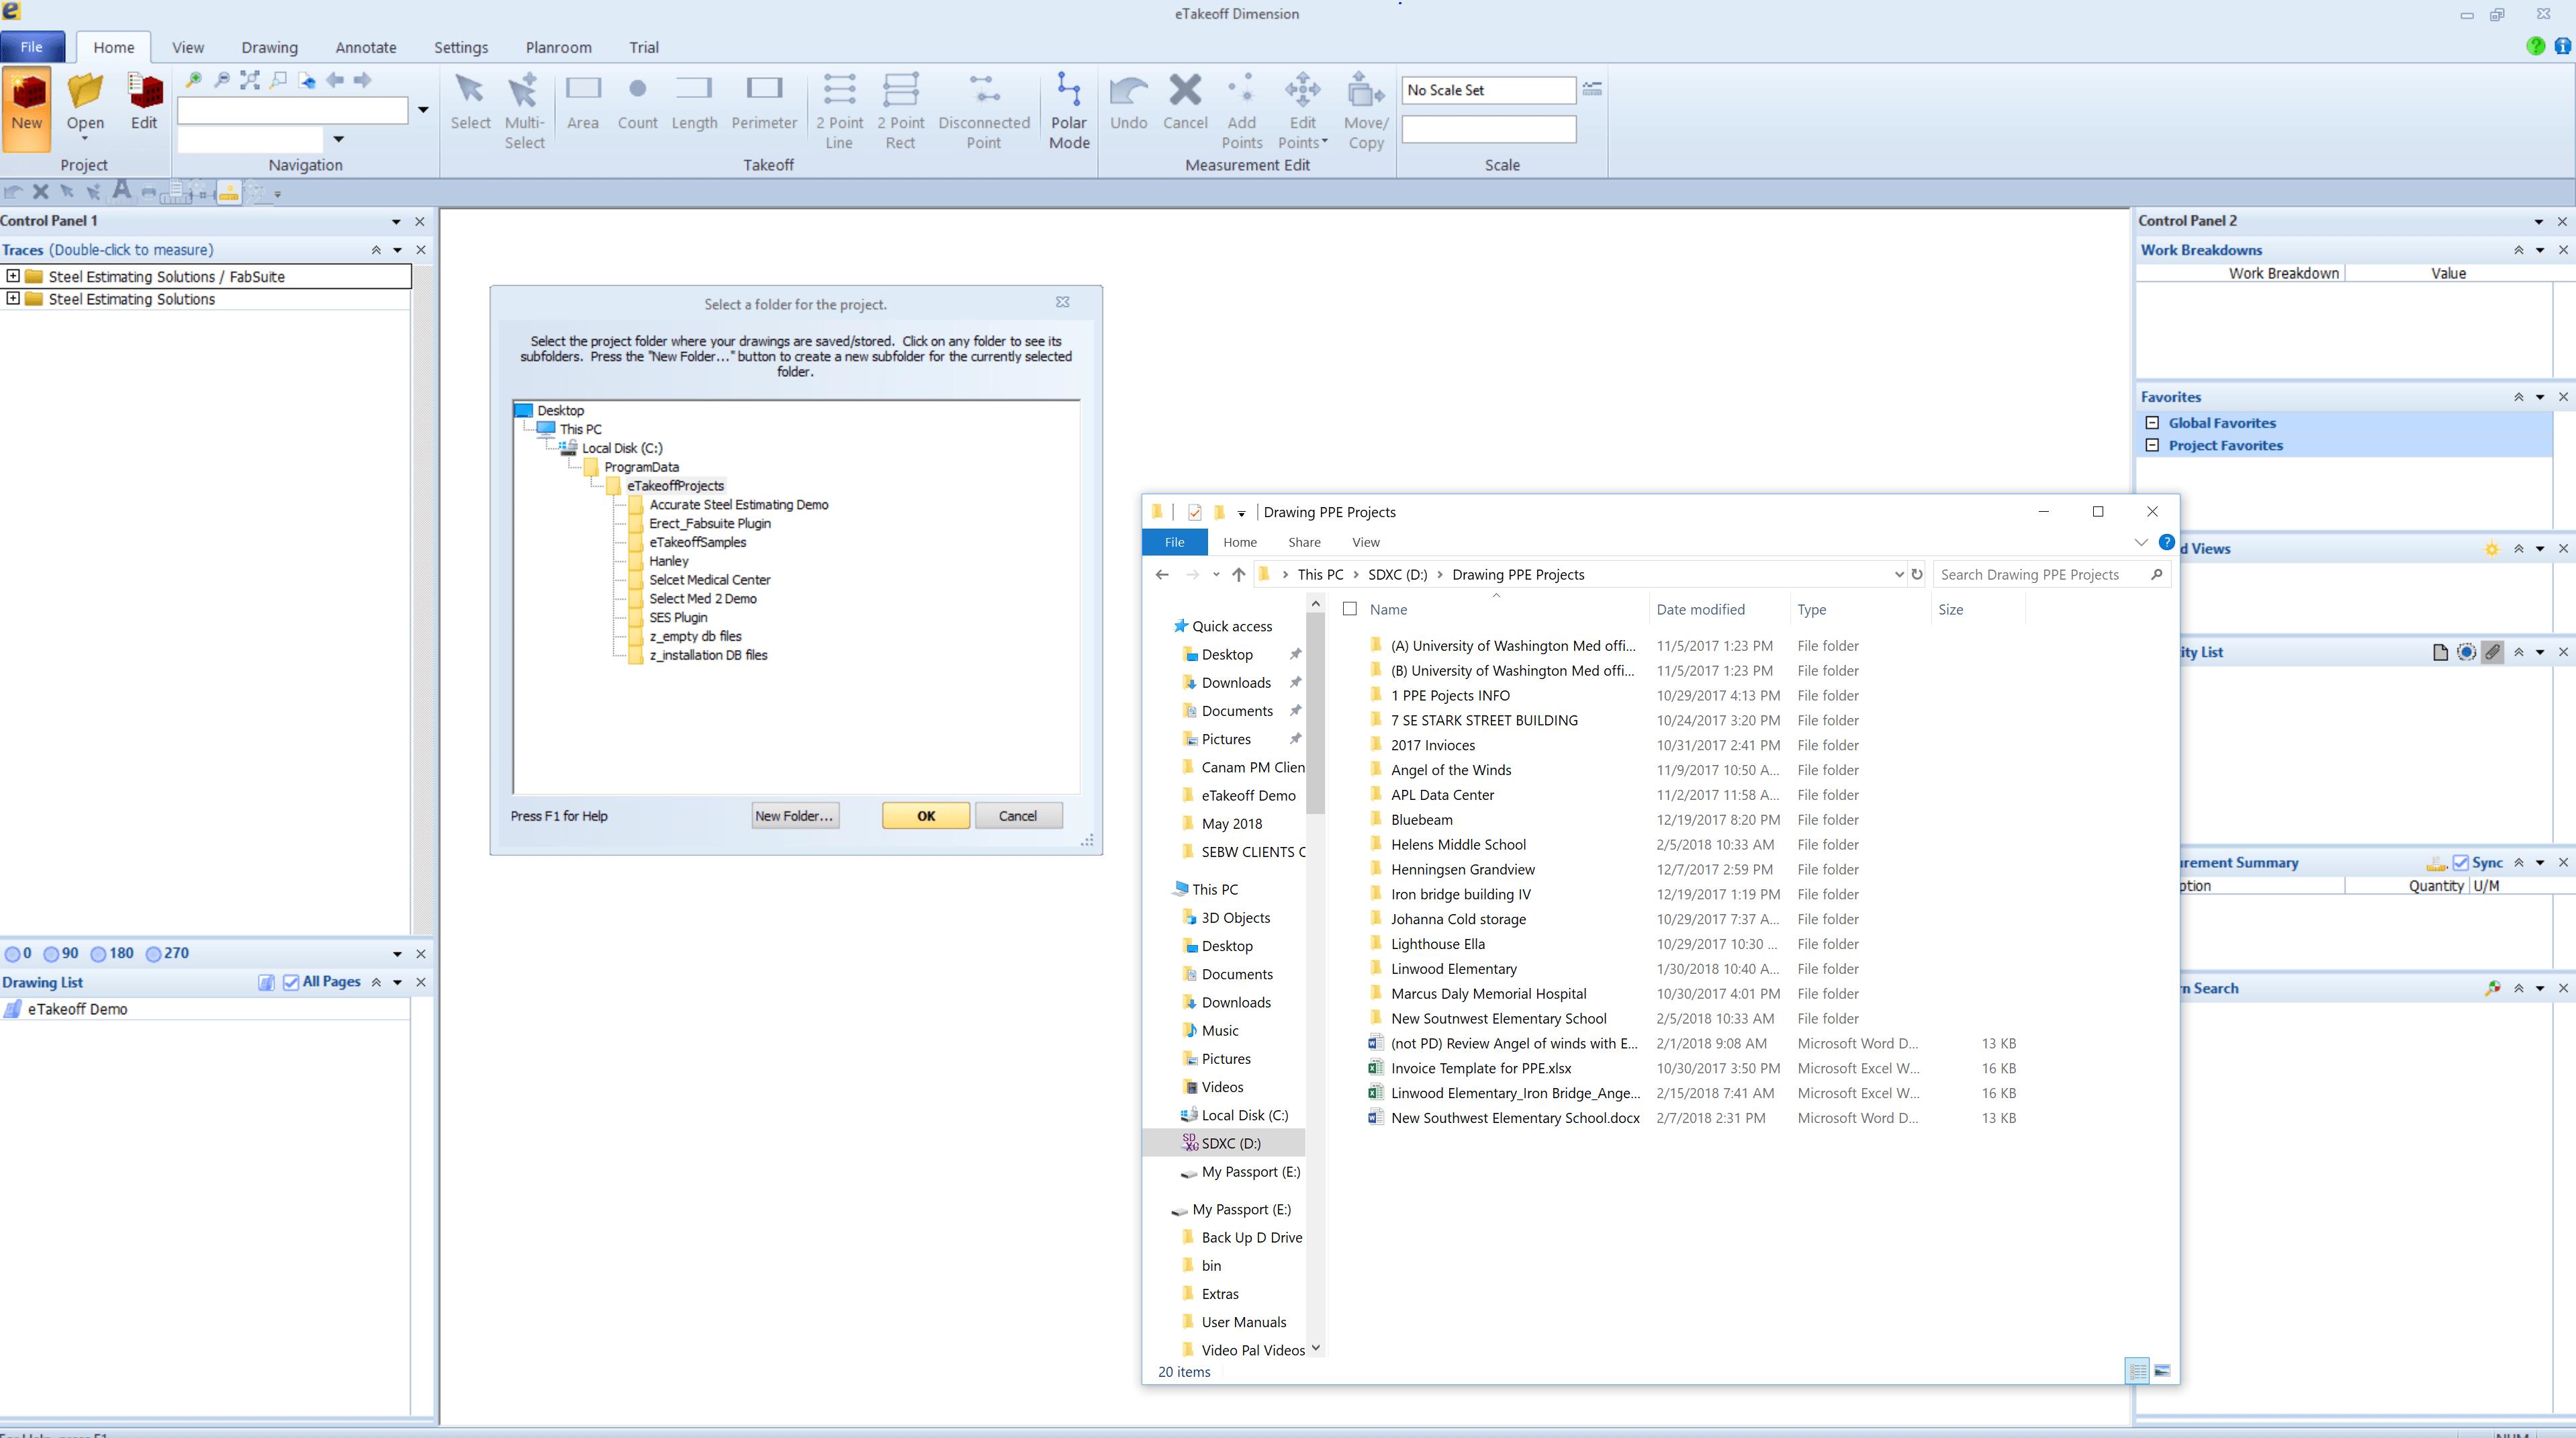 Steel Erection Digital Takeoff ~ Set Up Of Project Folders & Uploading Plans